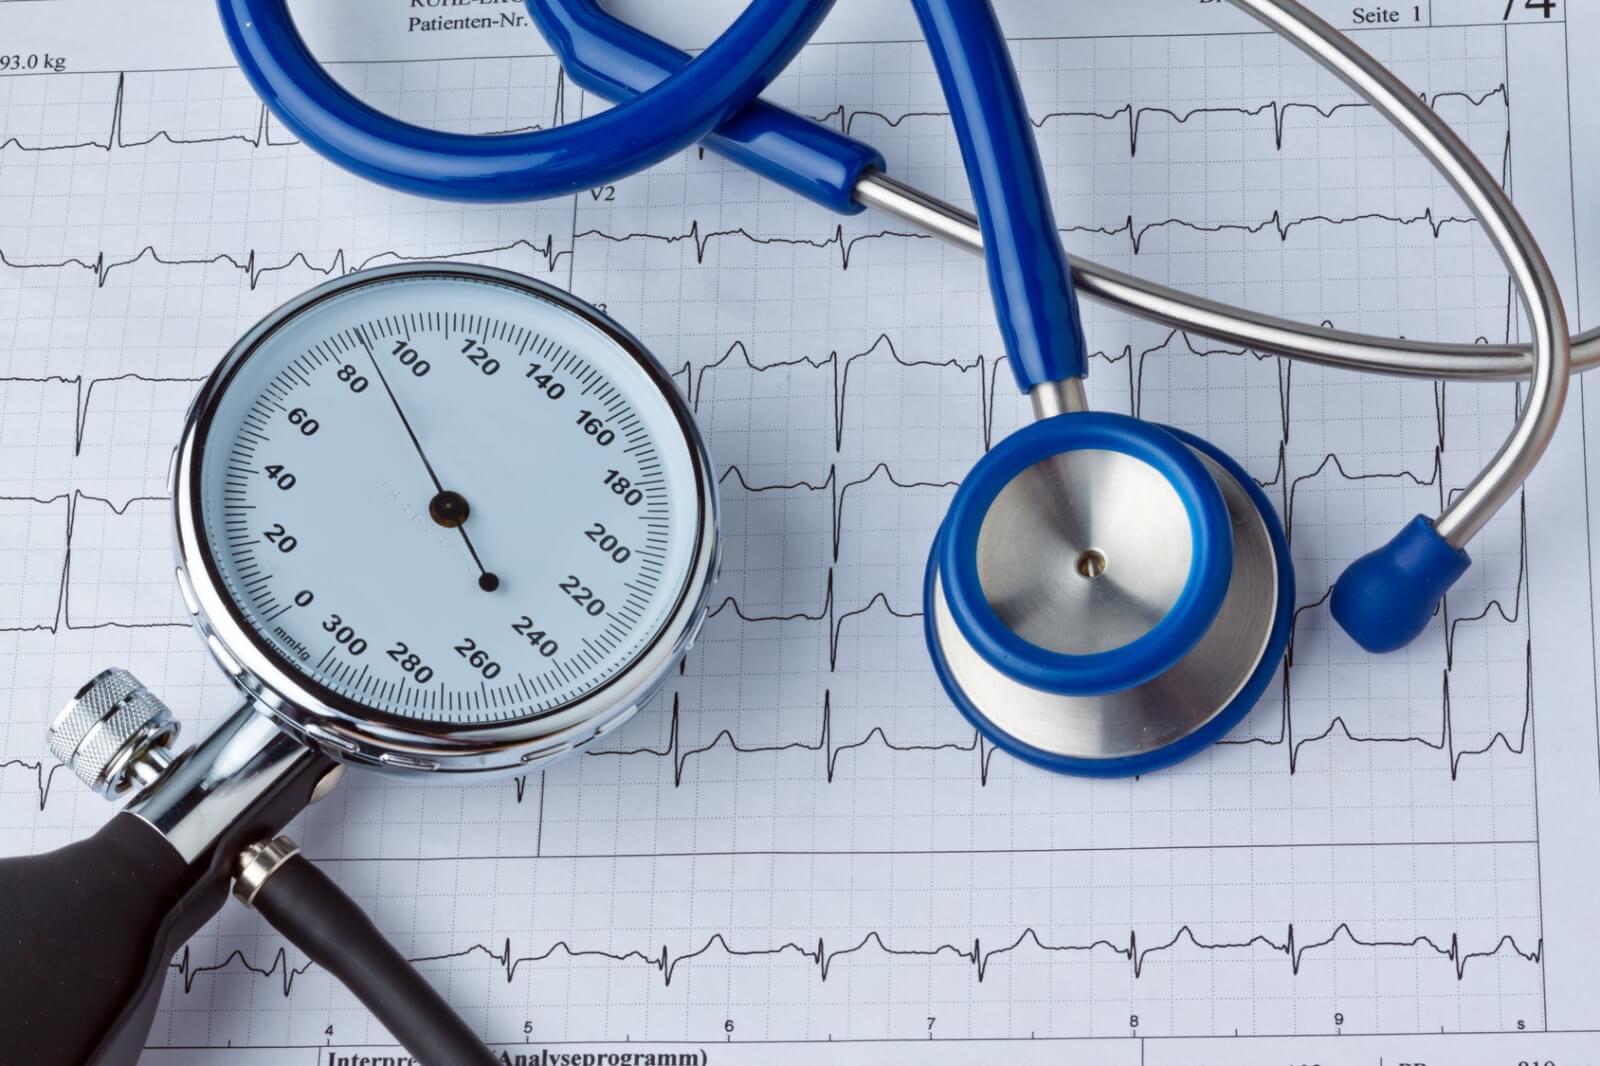 hipertenzija 2stepeni rizik 3 je)